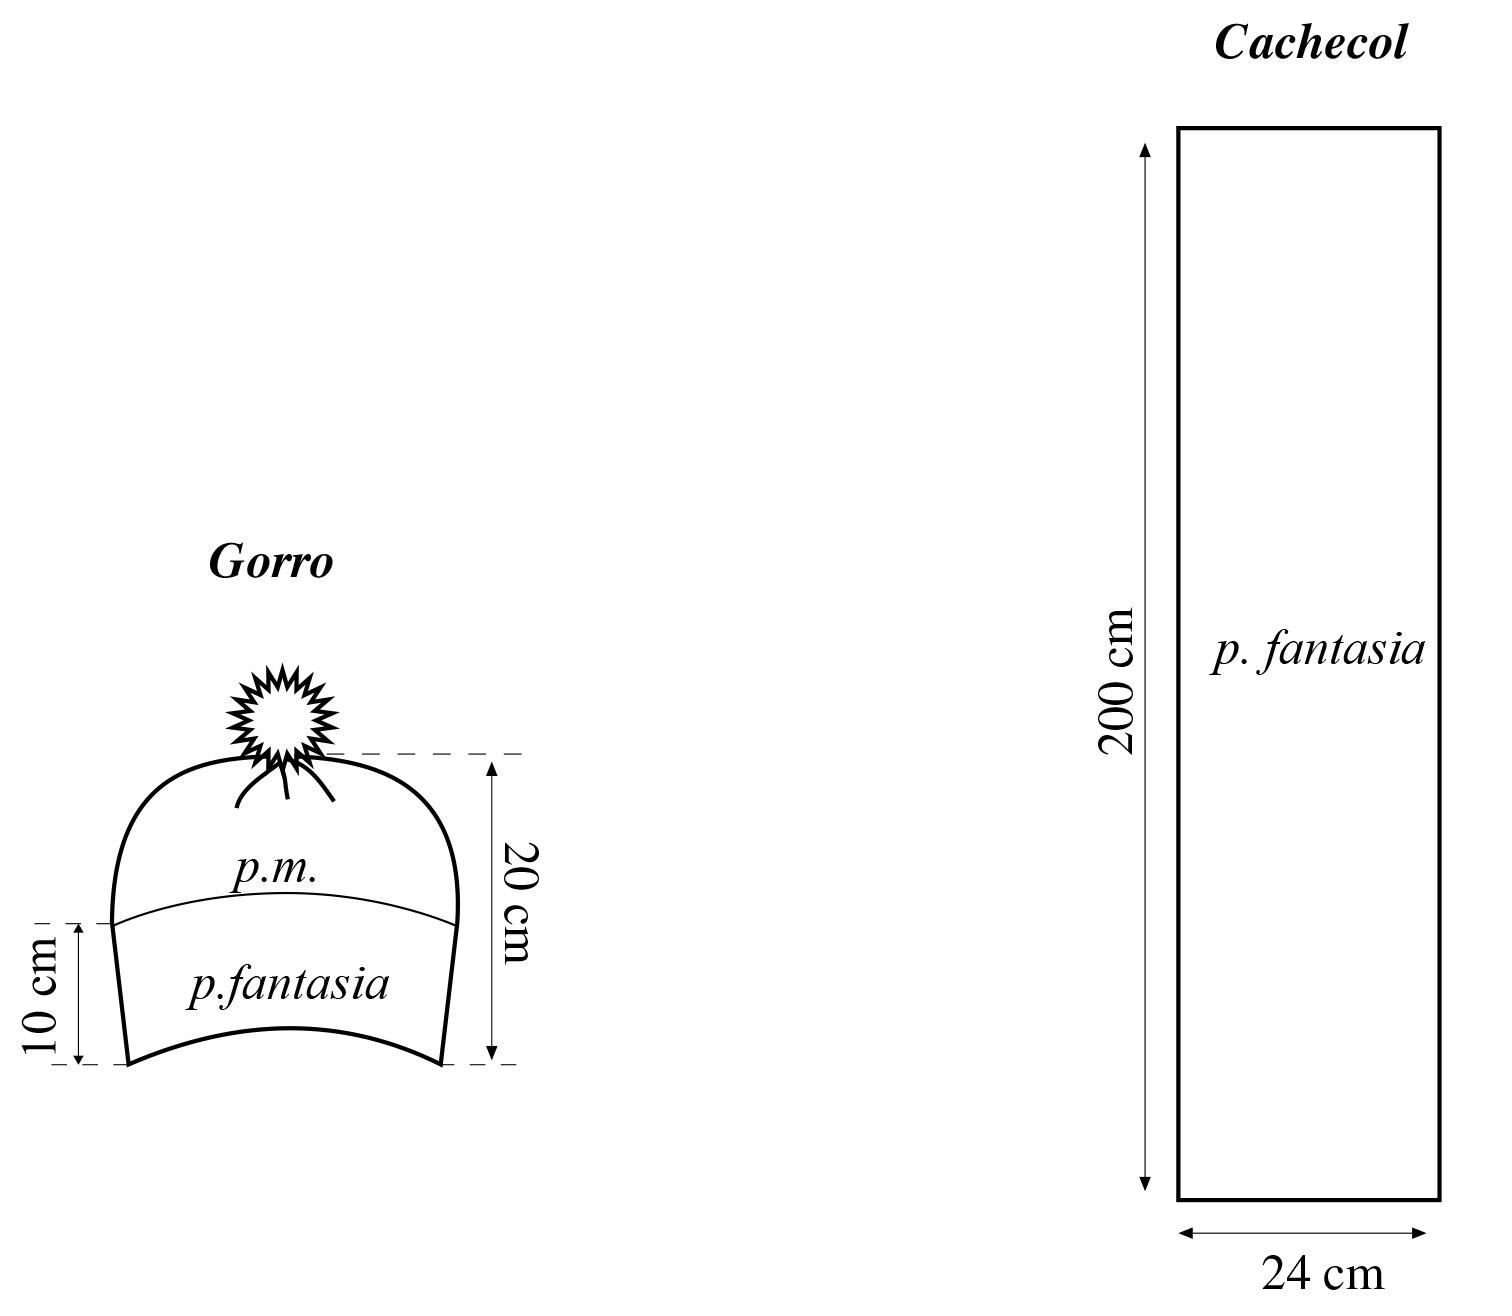 Receita-Cachecol-e-Gorro-Vinho-Fio-Cisne-Moro-3